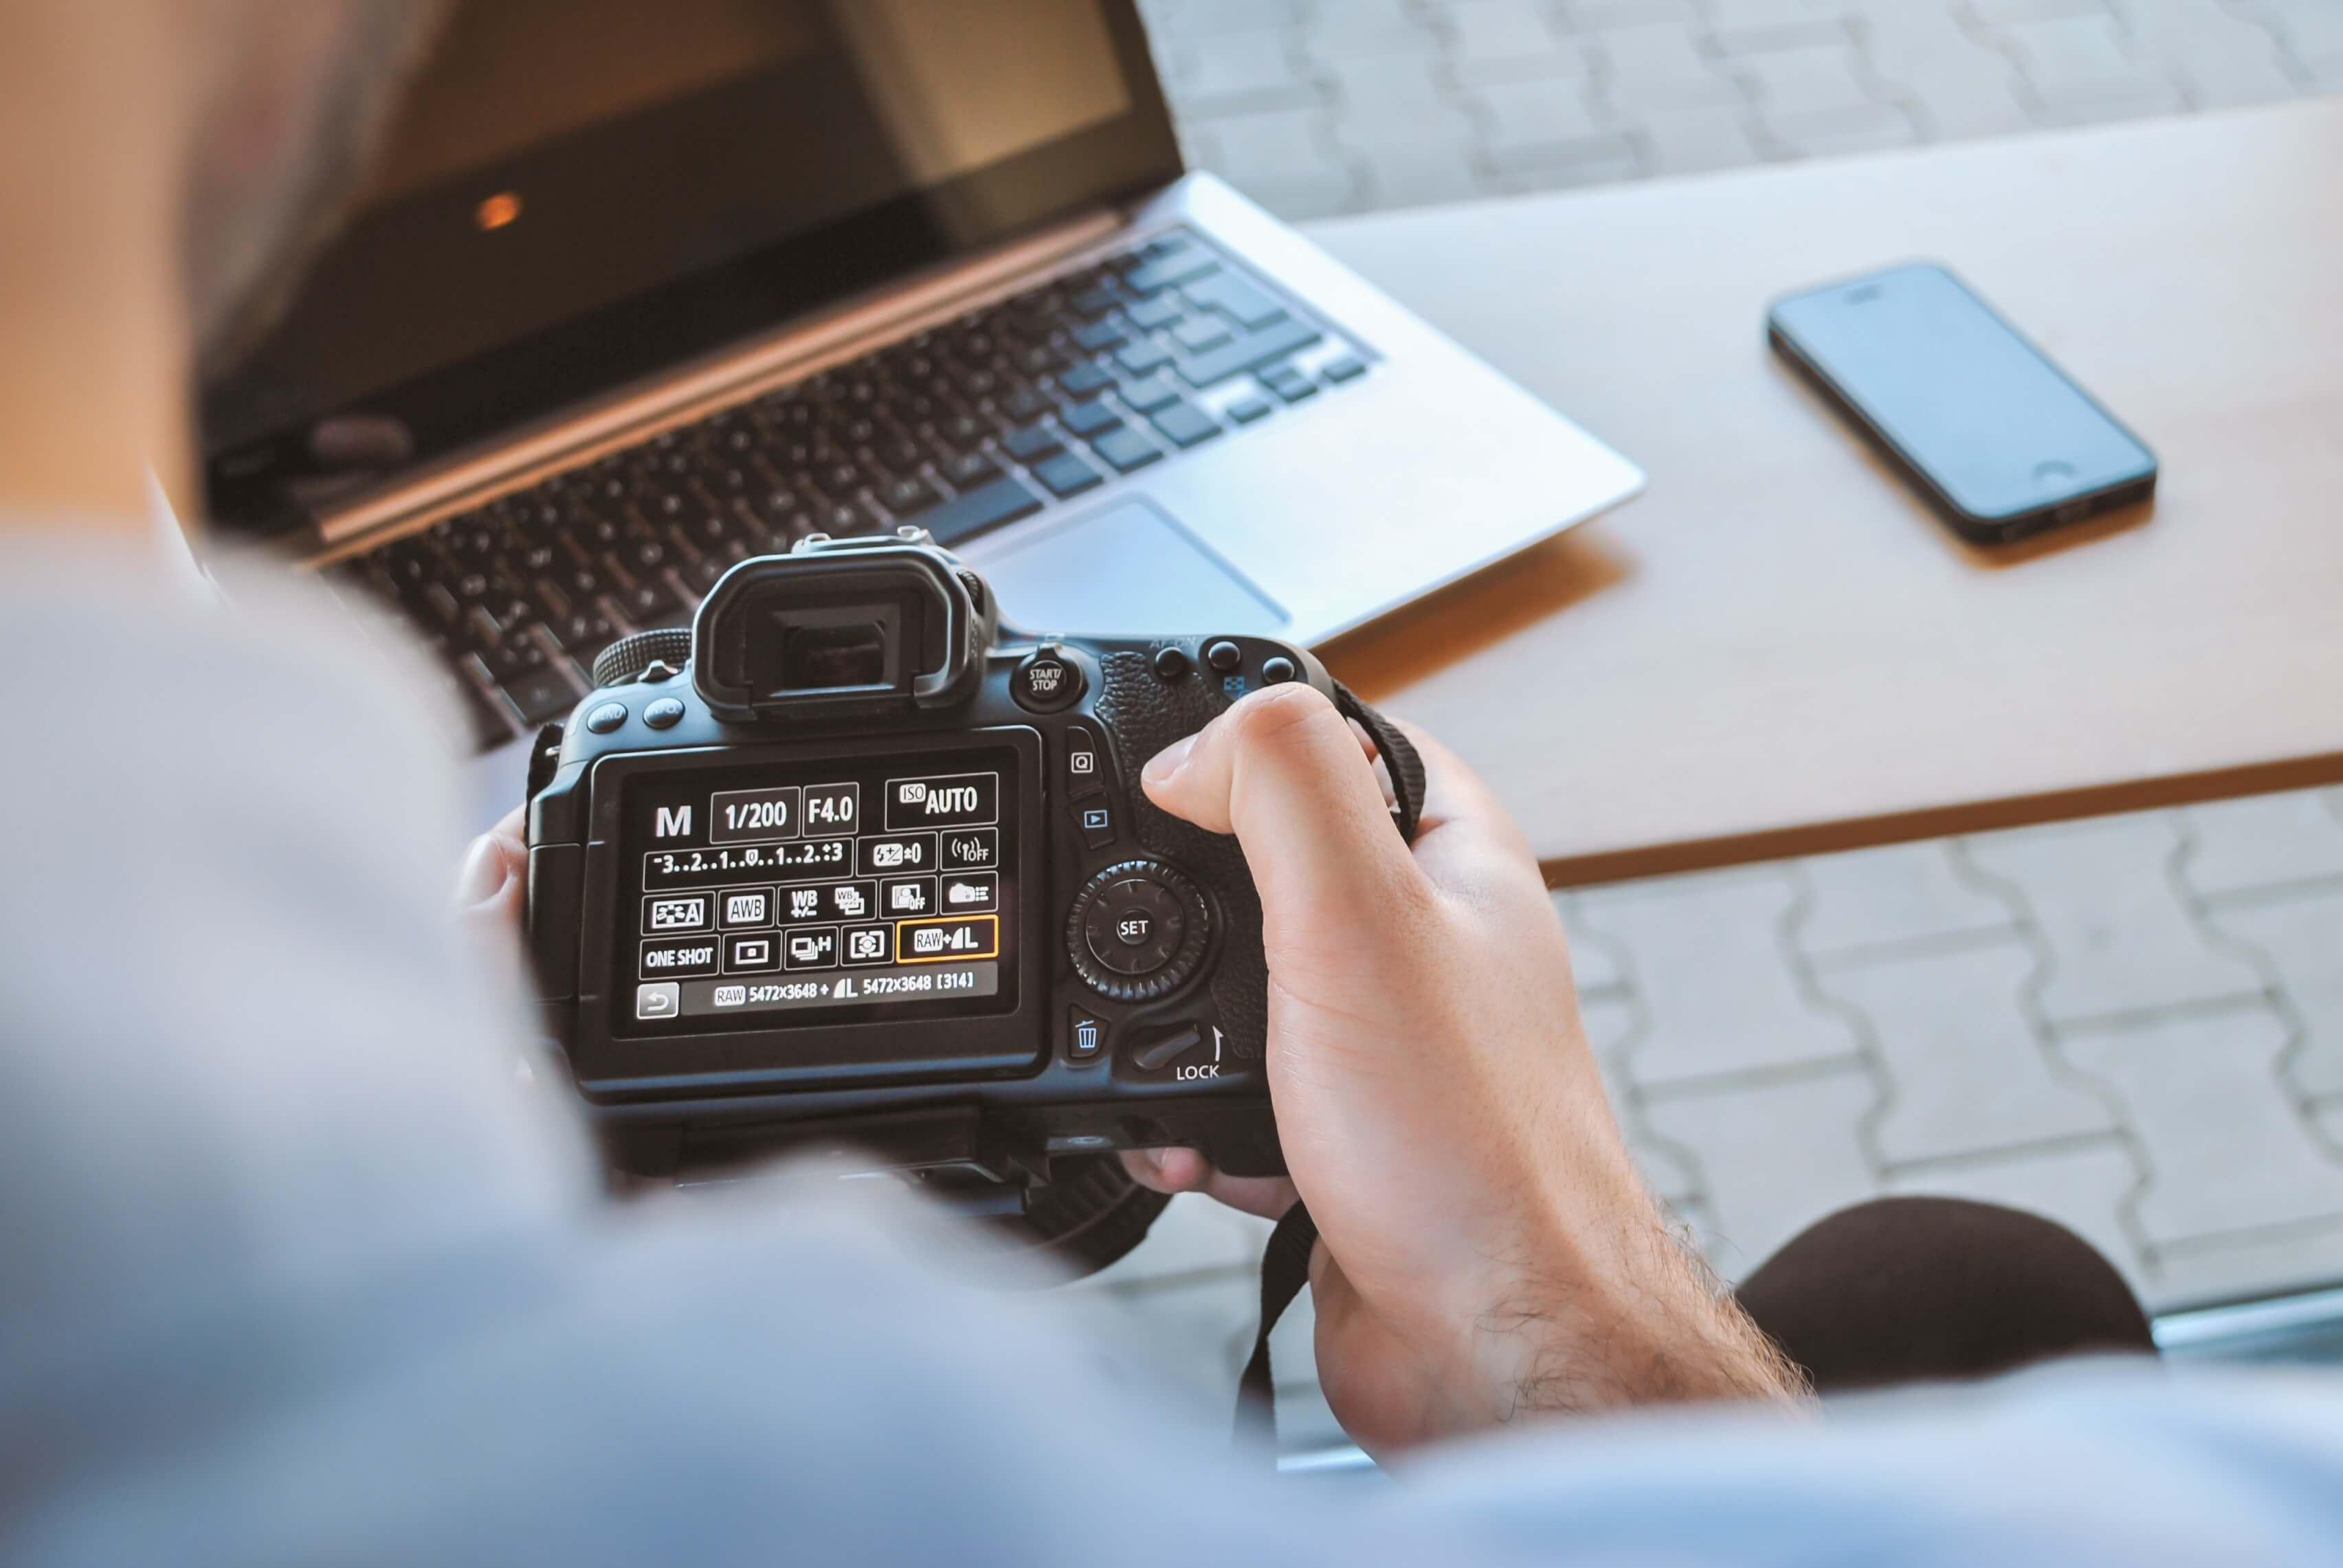 【予算別】動画撮影におすすめの一眼レフカメラ15選【2020年最新版】